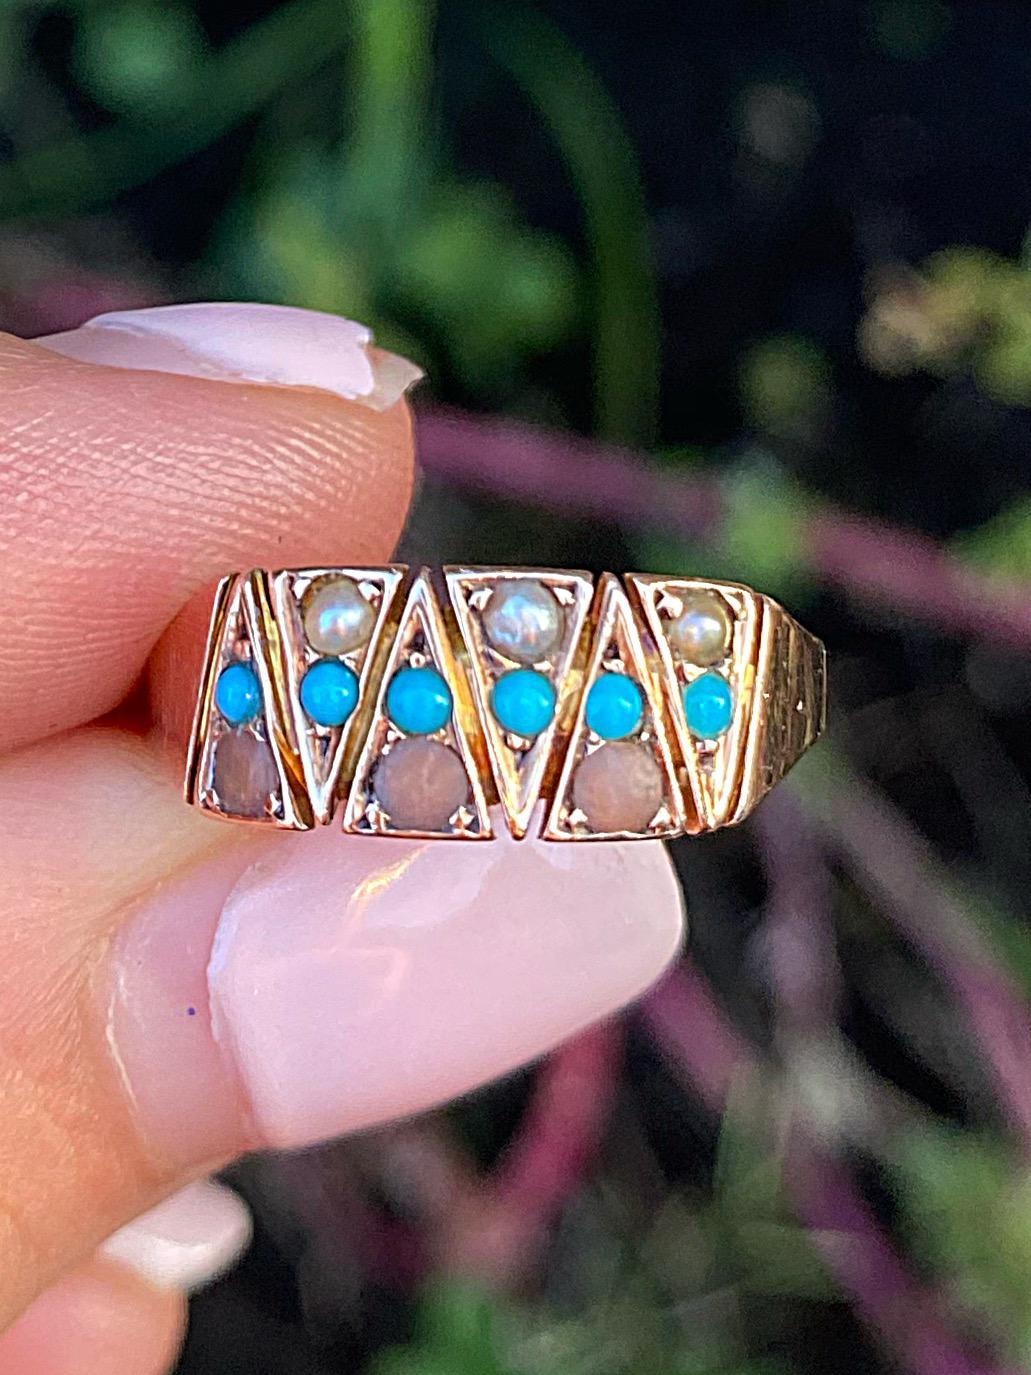 טבעת ויקטוריאנית , זהב 9k, עם פניני ים, טורקיזים וקורלים.